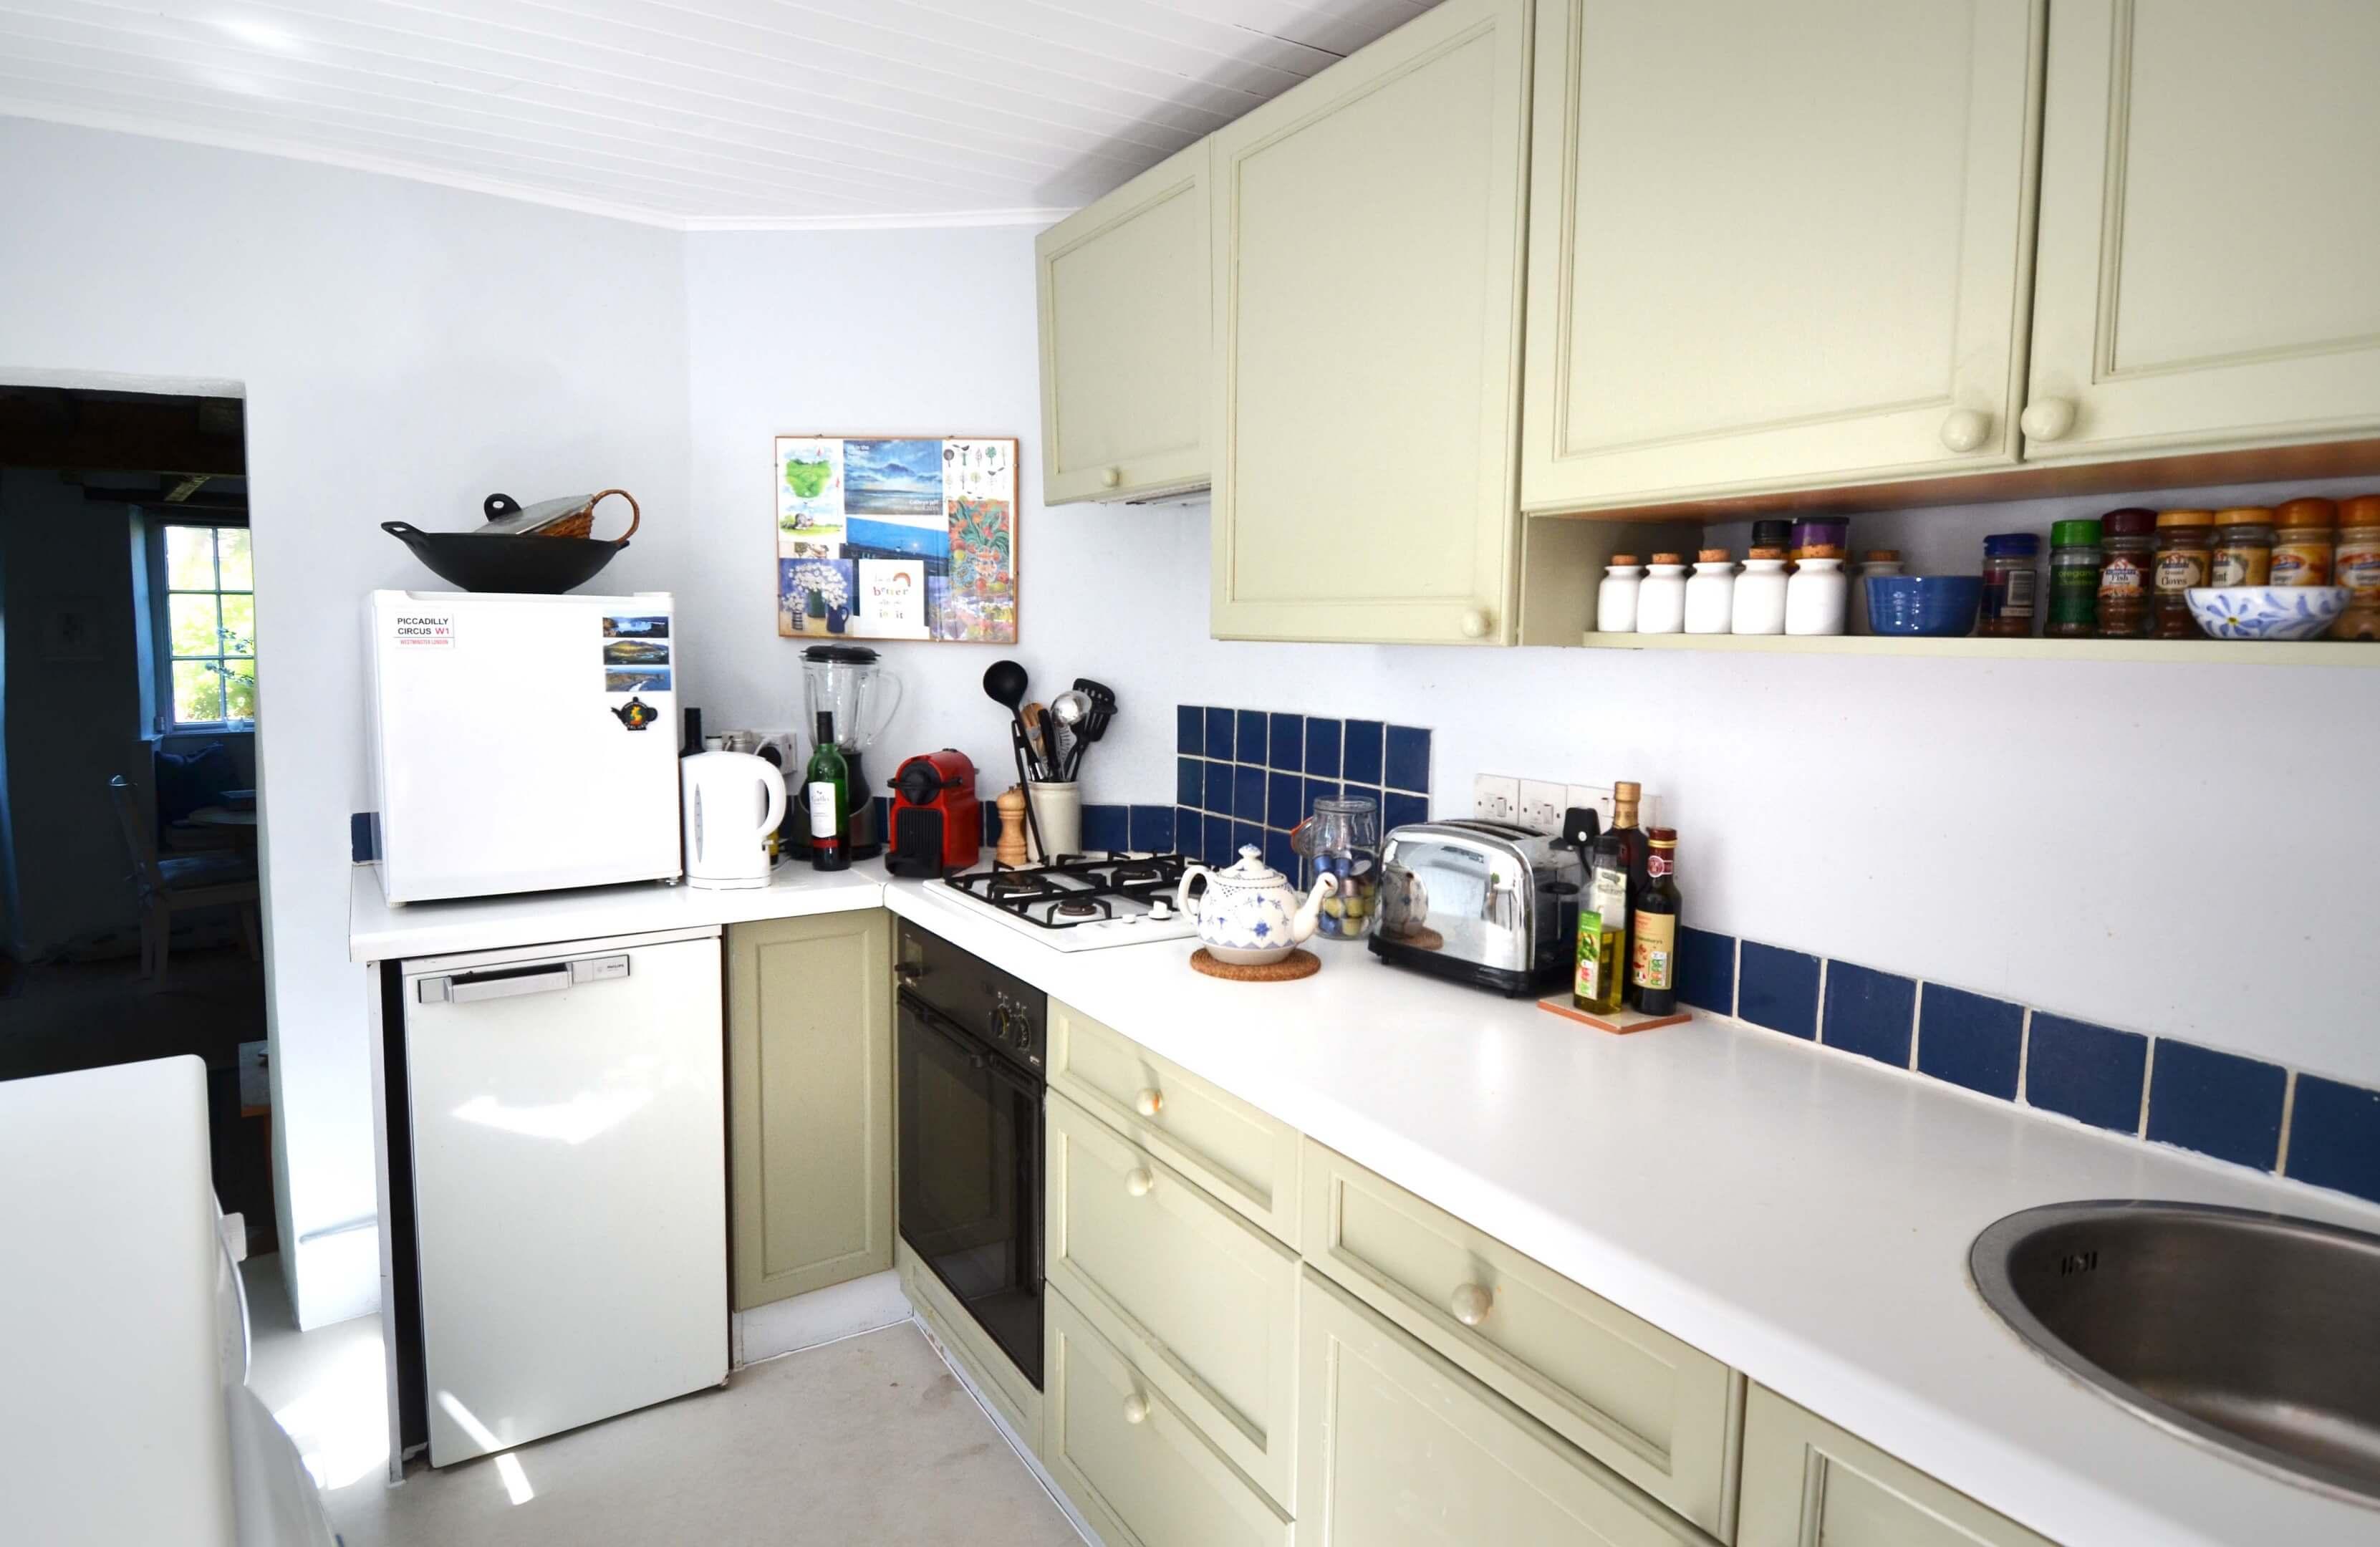 Thewhitecottage Kitchen2